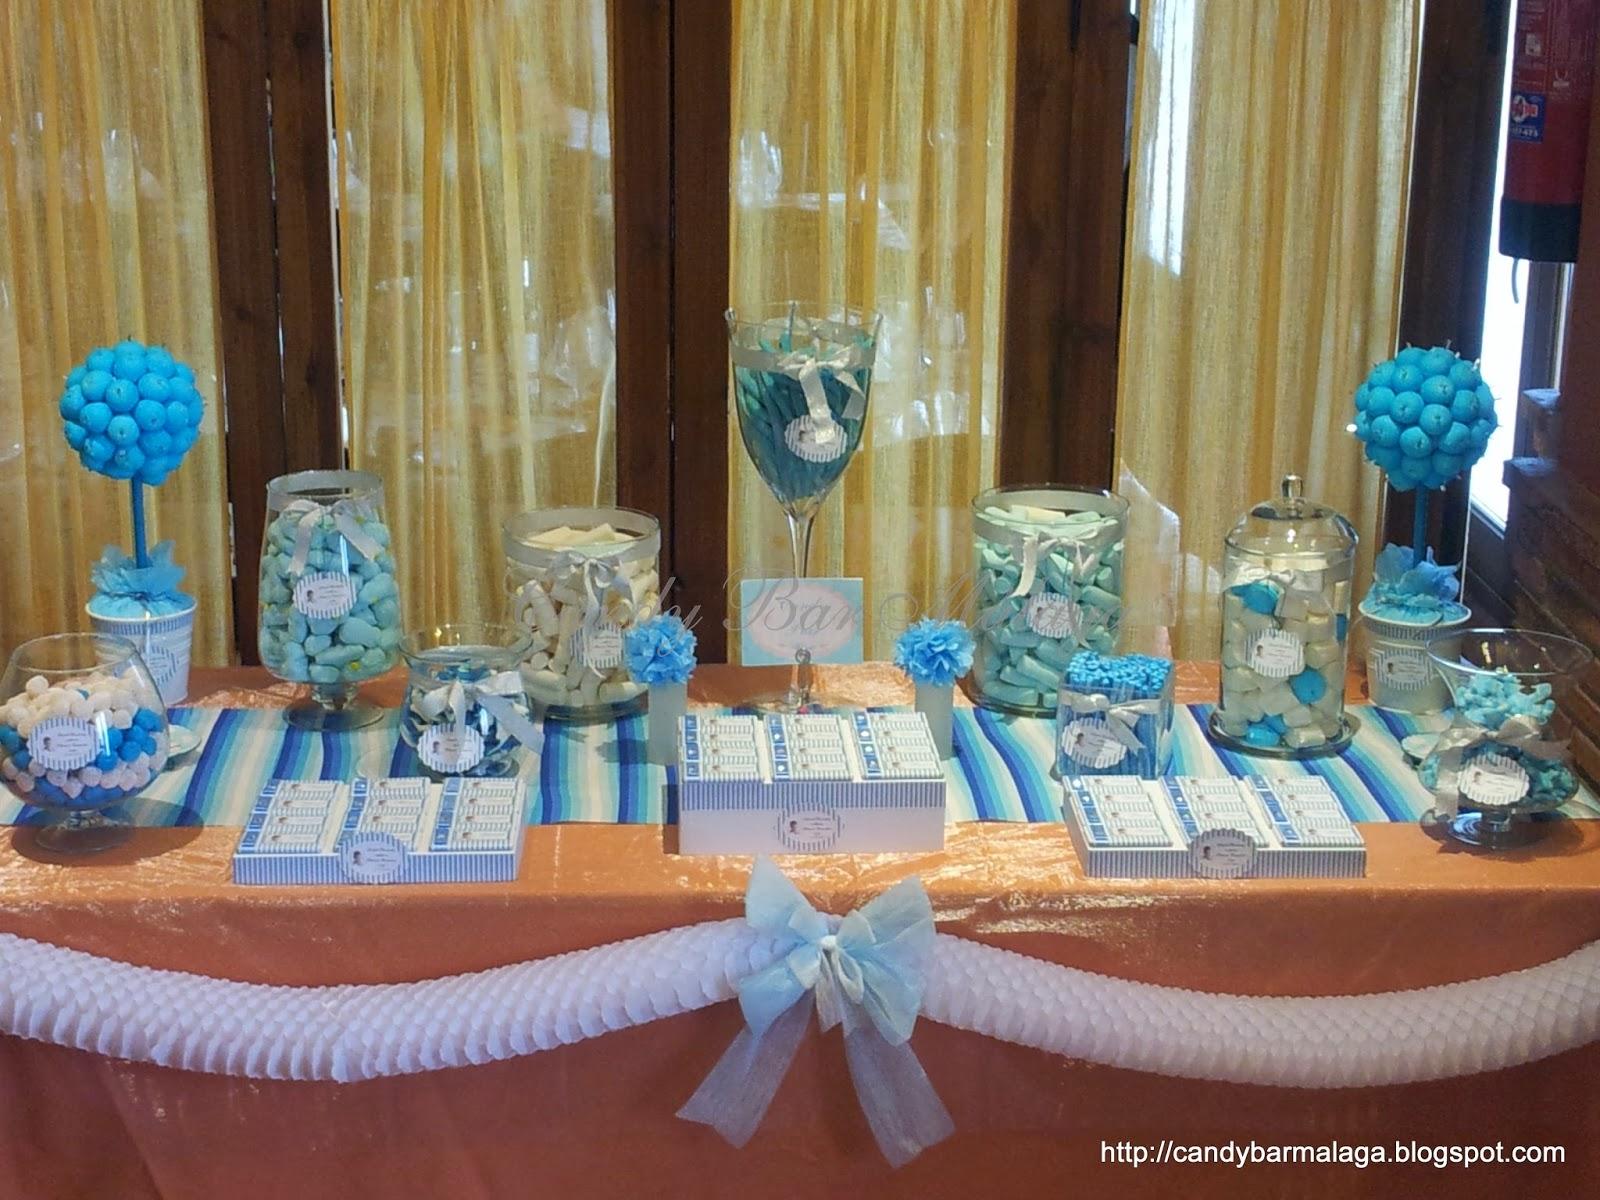 Decoracion mesas dulces para comunion - Adornos mesa comunion ...